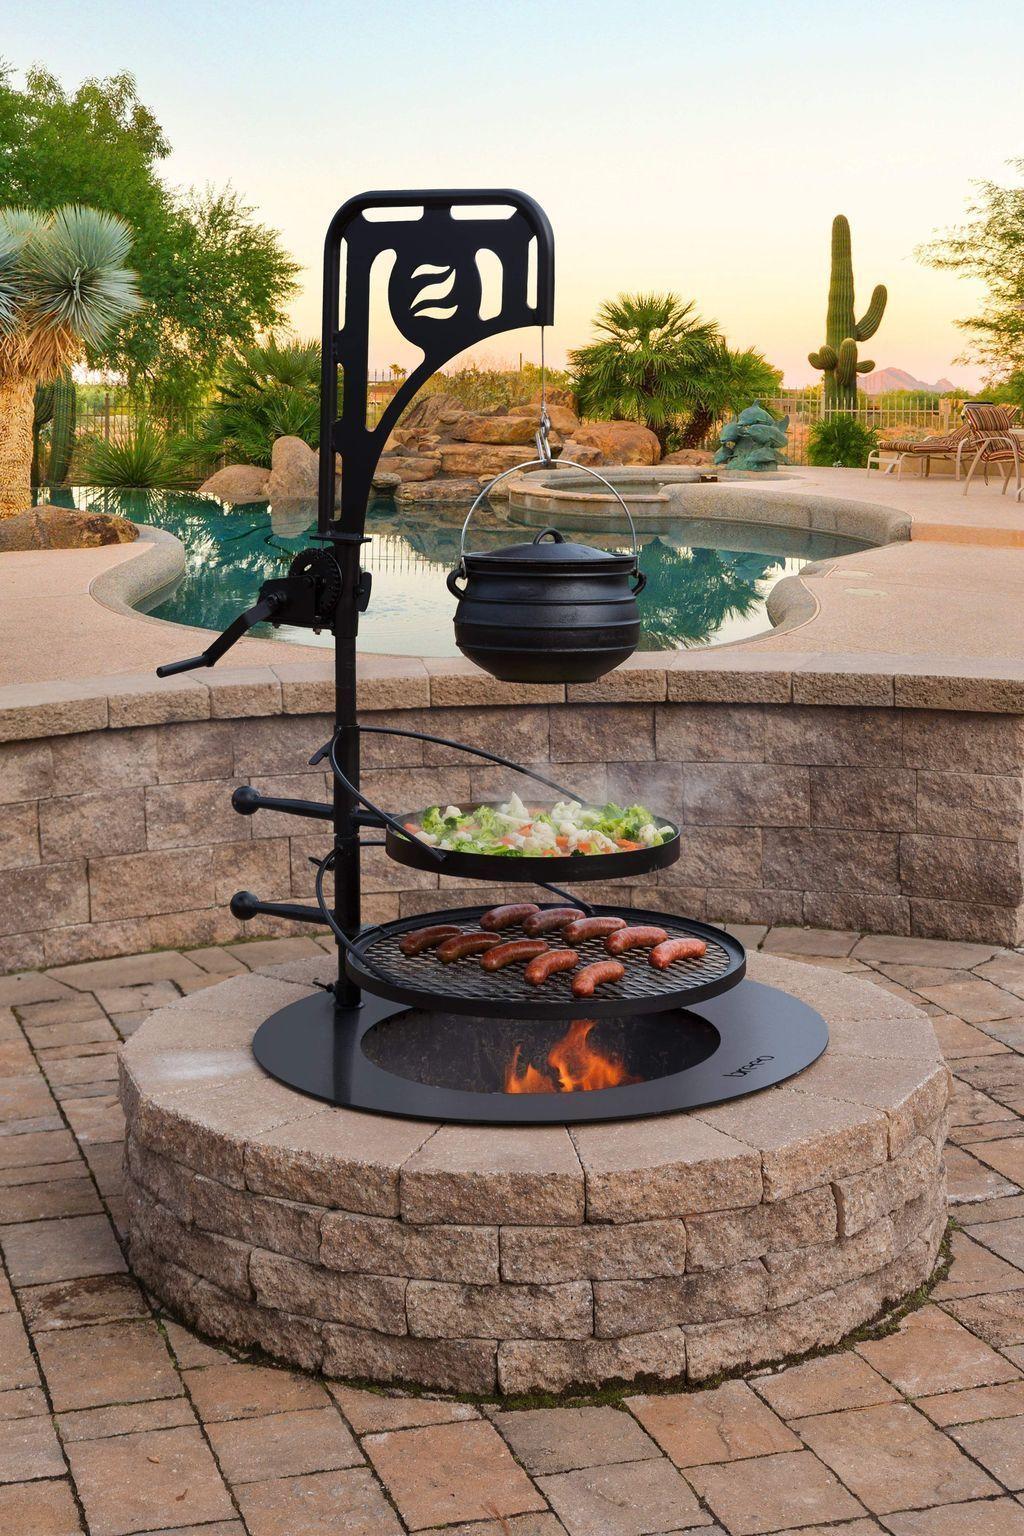 33 Atemberaubende Ideen für eine Feuerstelle im Hinterhof, um Ihren Garten aufzuhellen – Es scheint, als ob jeder …